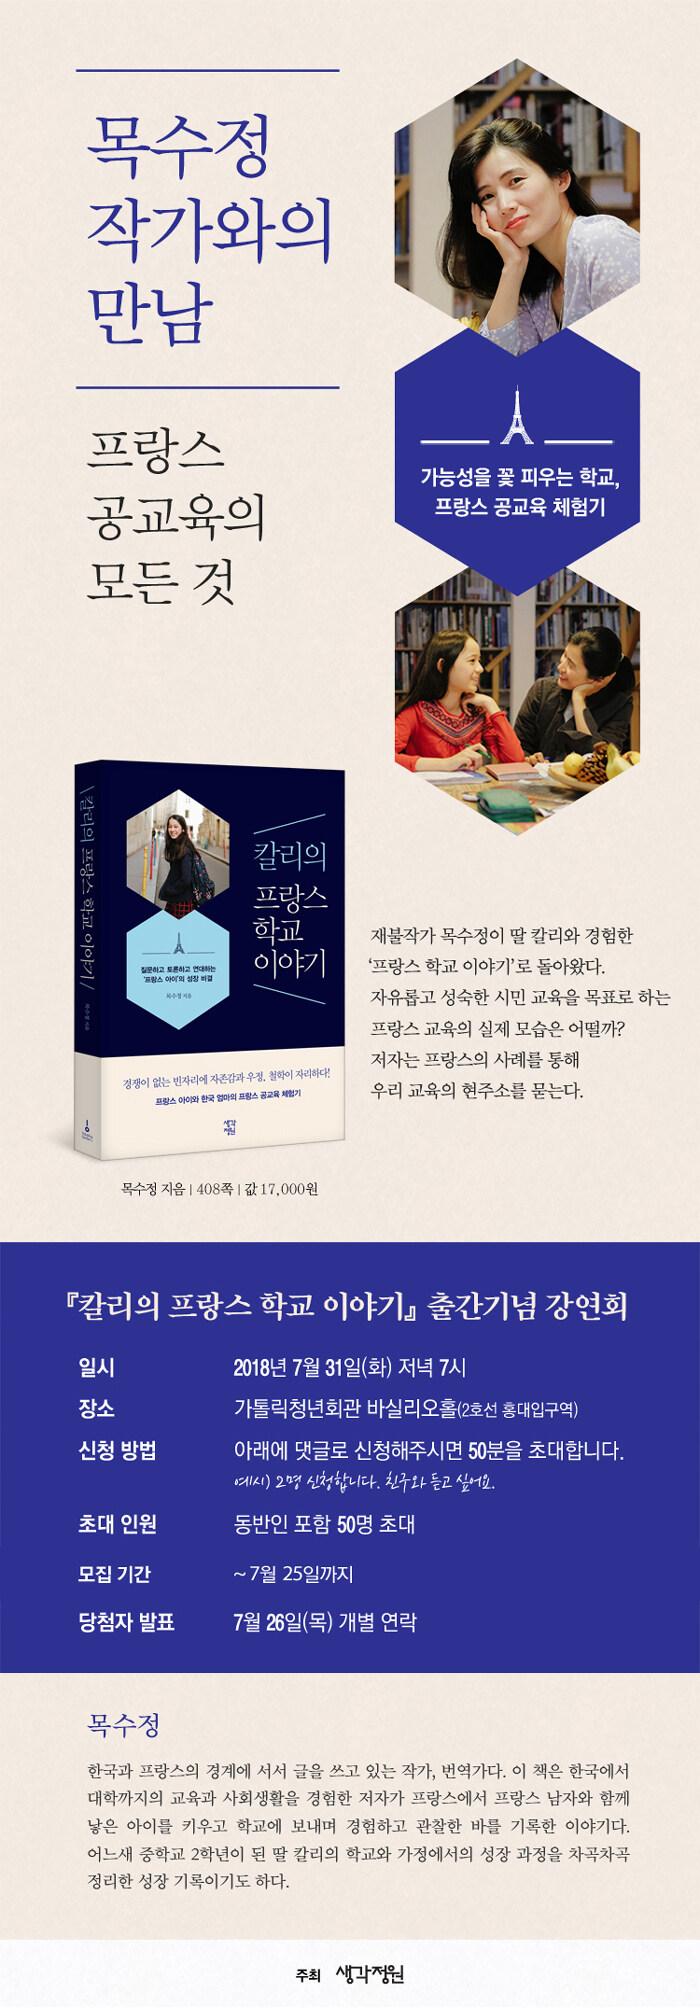 <칼리의 프랑스 학교 이야기> 목수정 작가와의 만남